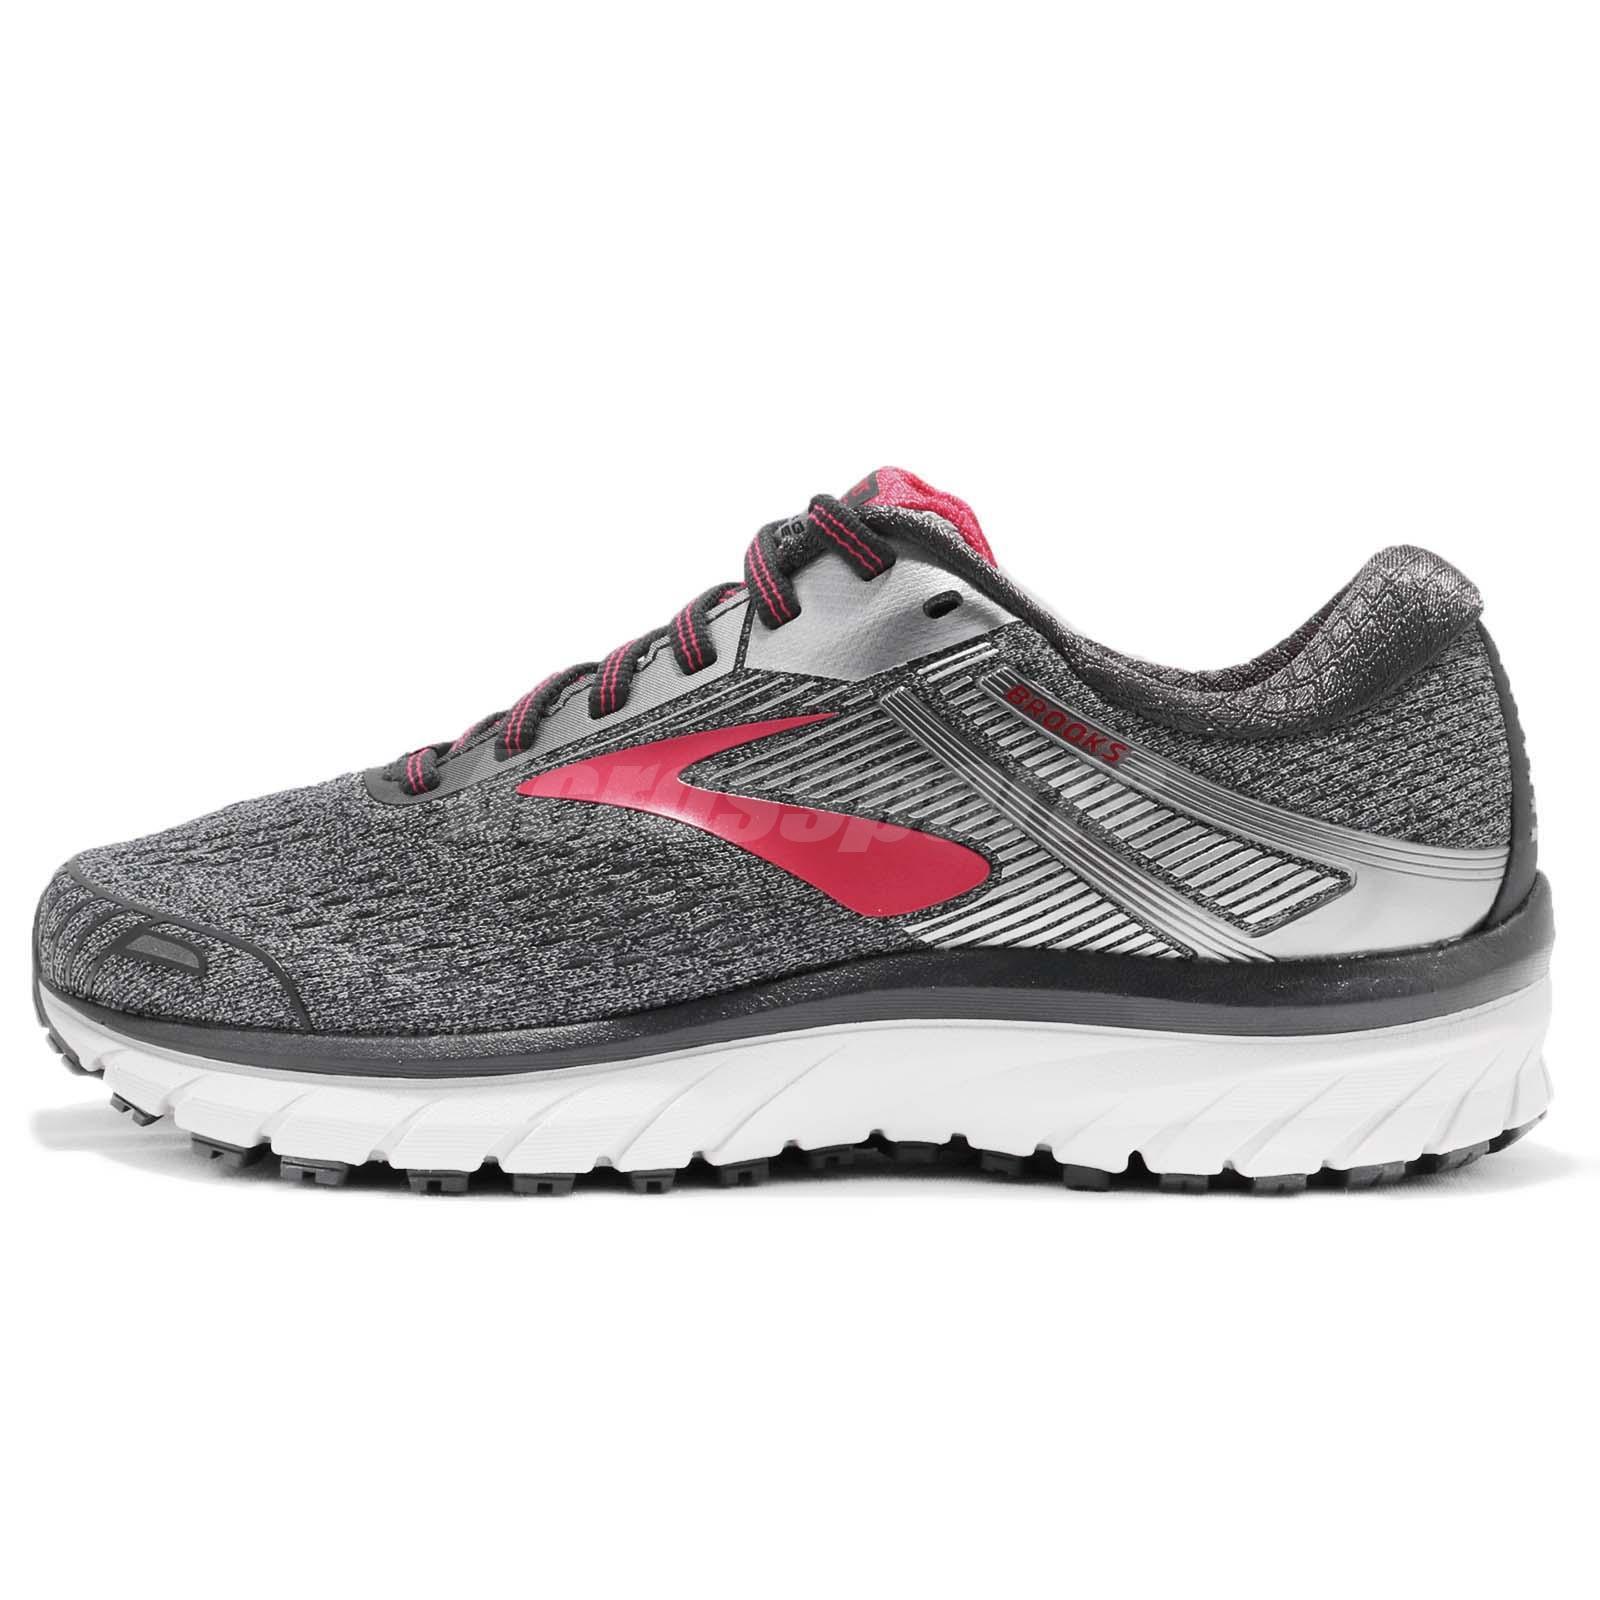 24a7ed53d56 Brooks Adrenaline GTS 18 D Wide Grey Silver Pink Women Running Shoes  1202681 D